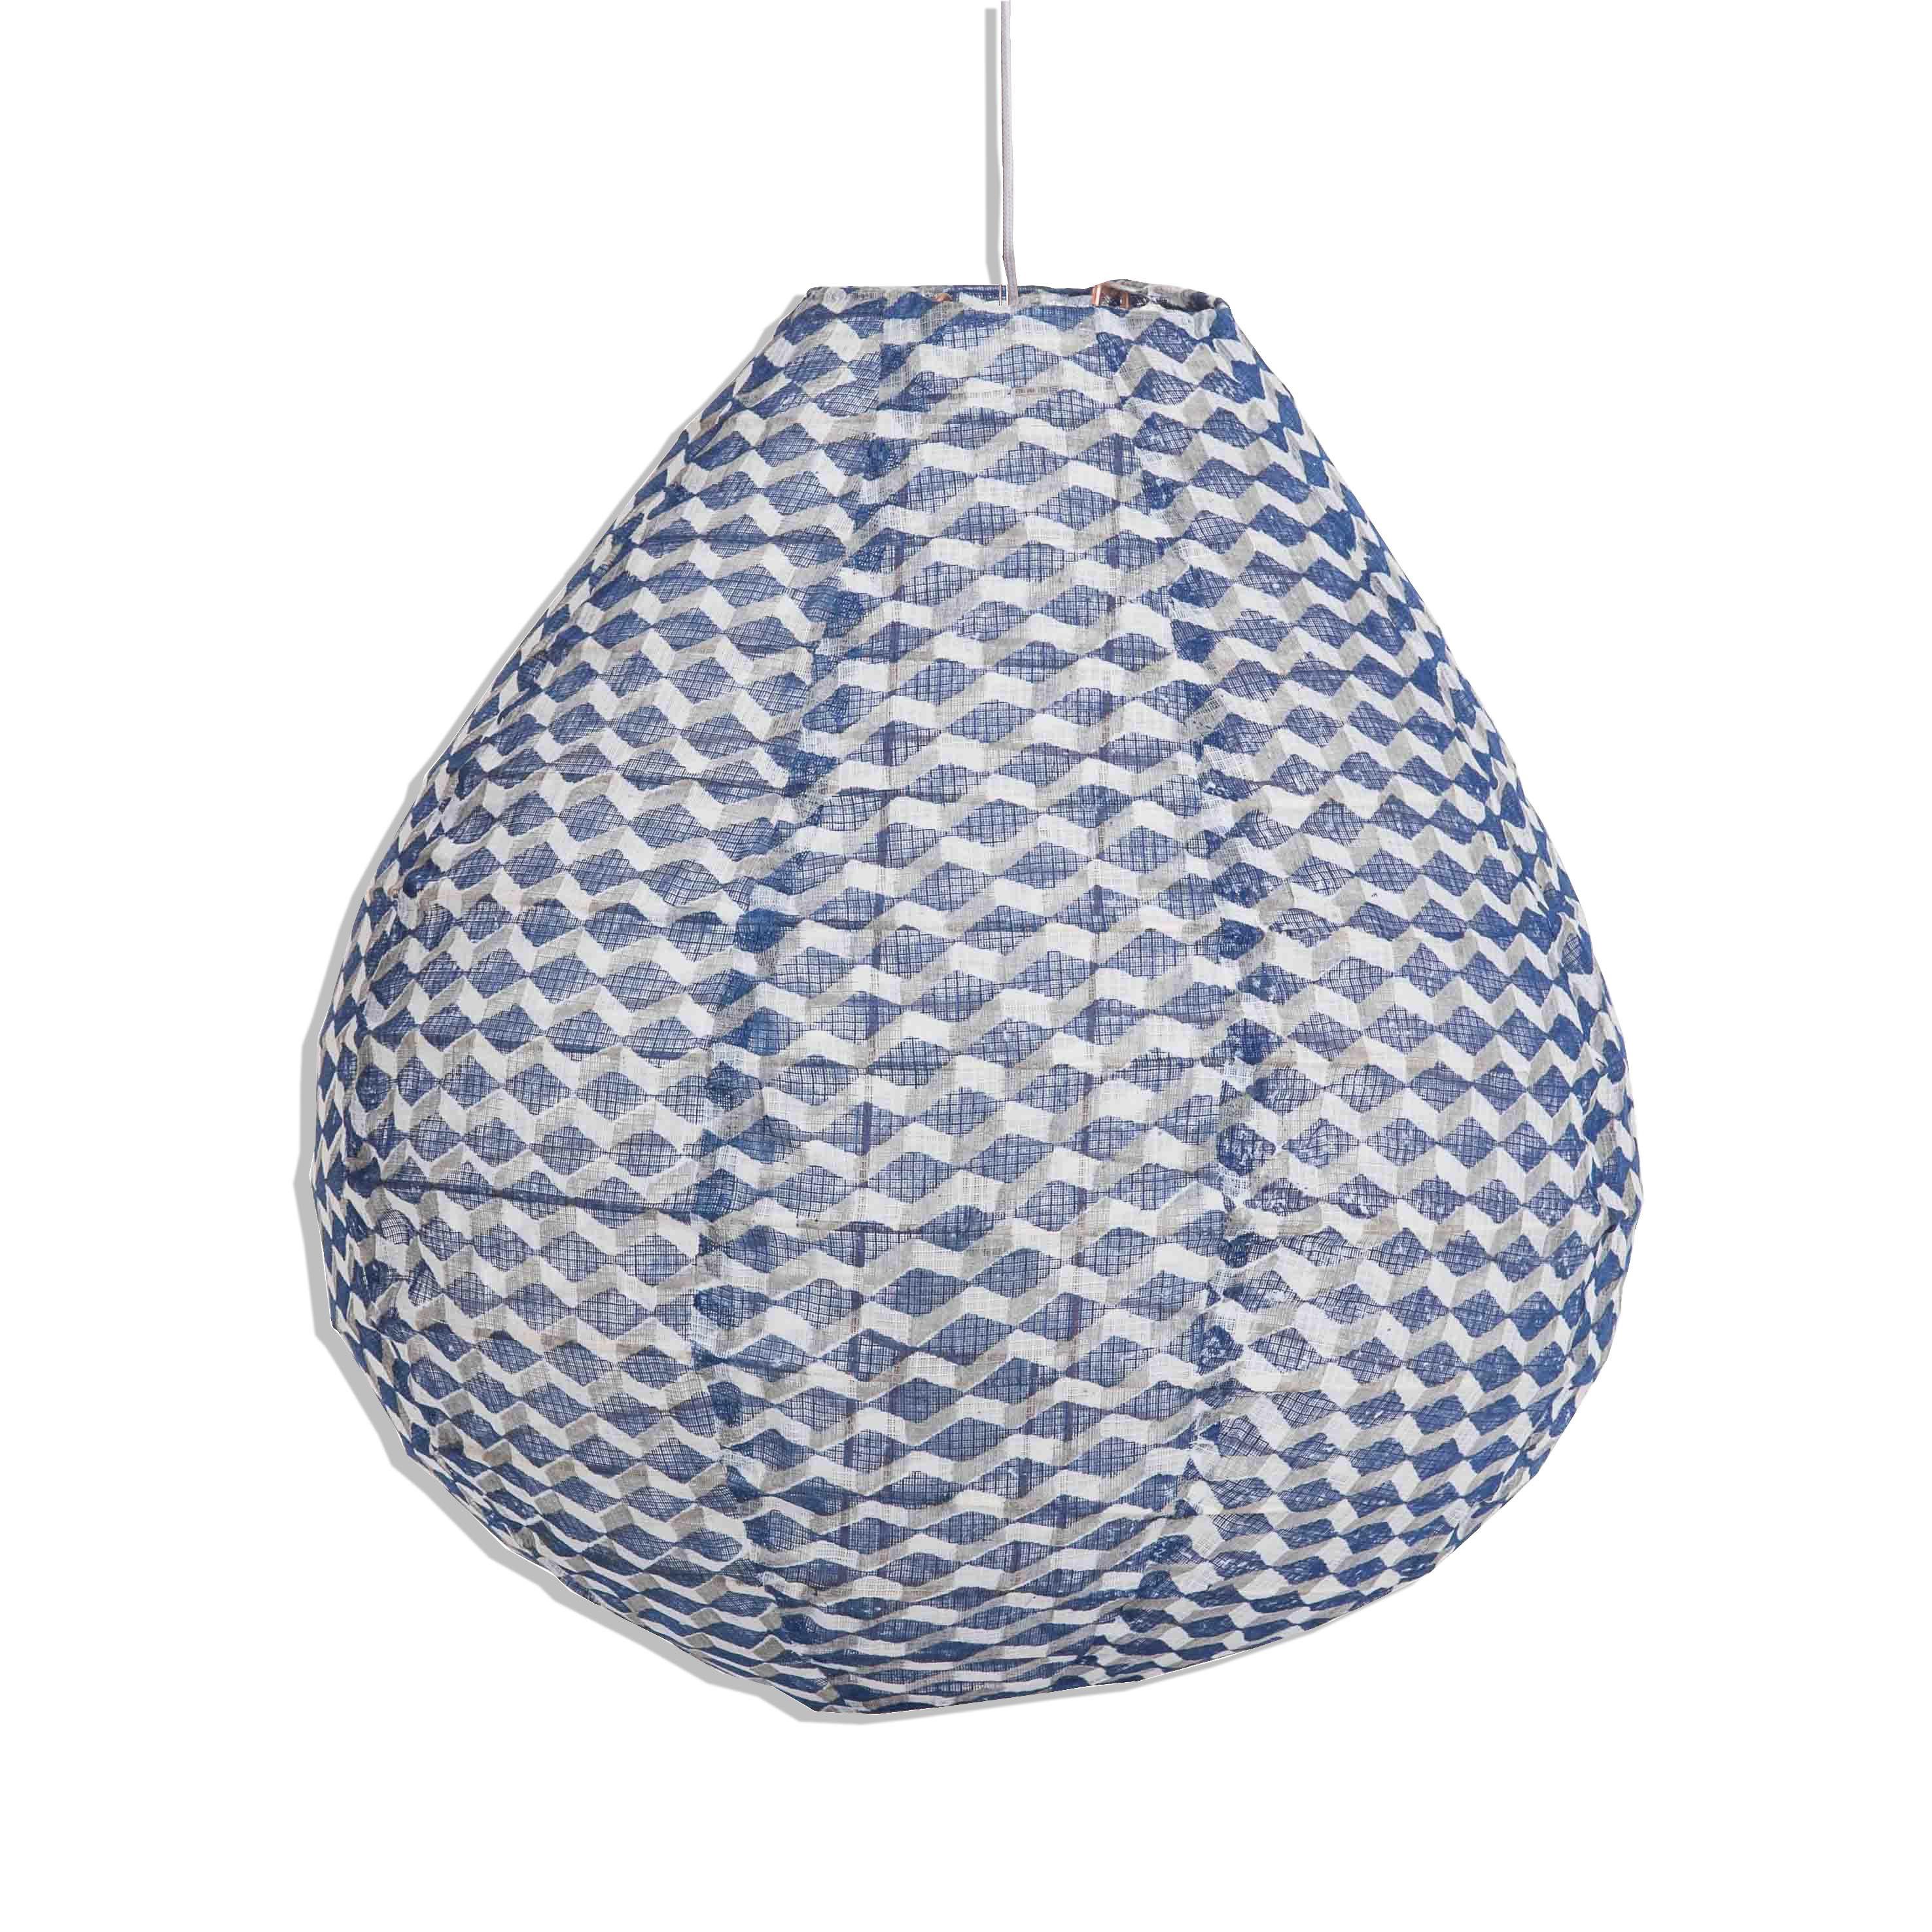 Lampe suspension tissu bleu kaki et blanc Luminaire transparent